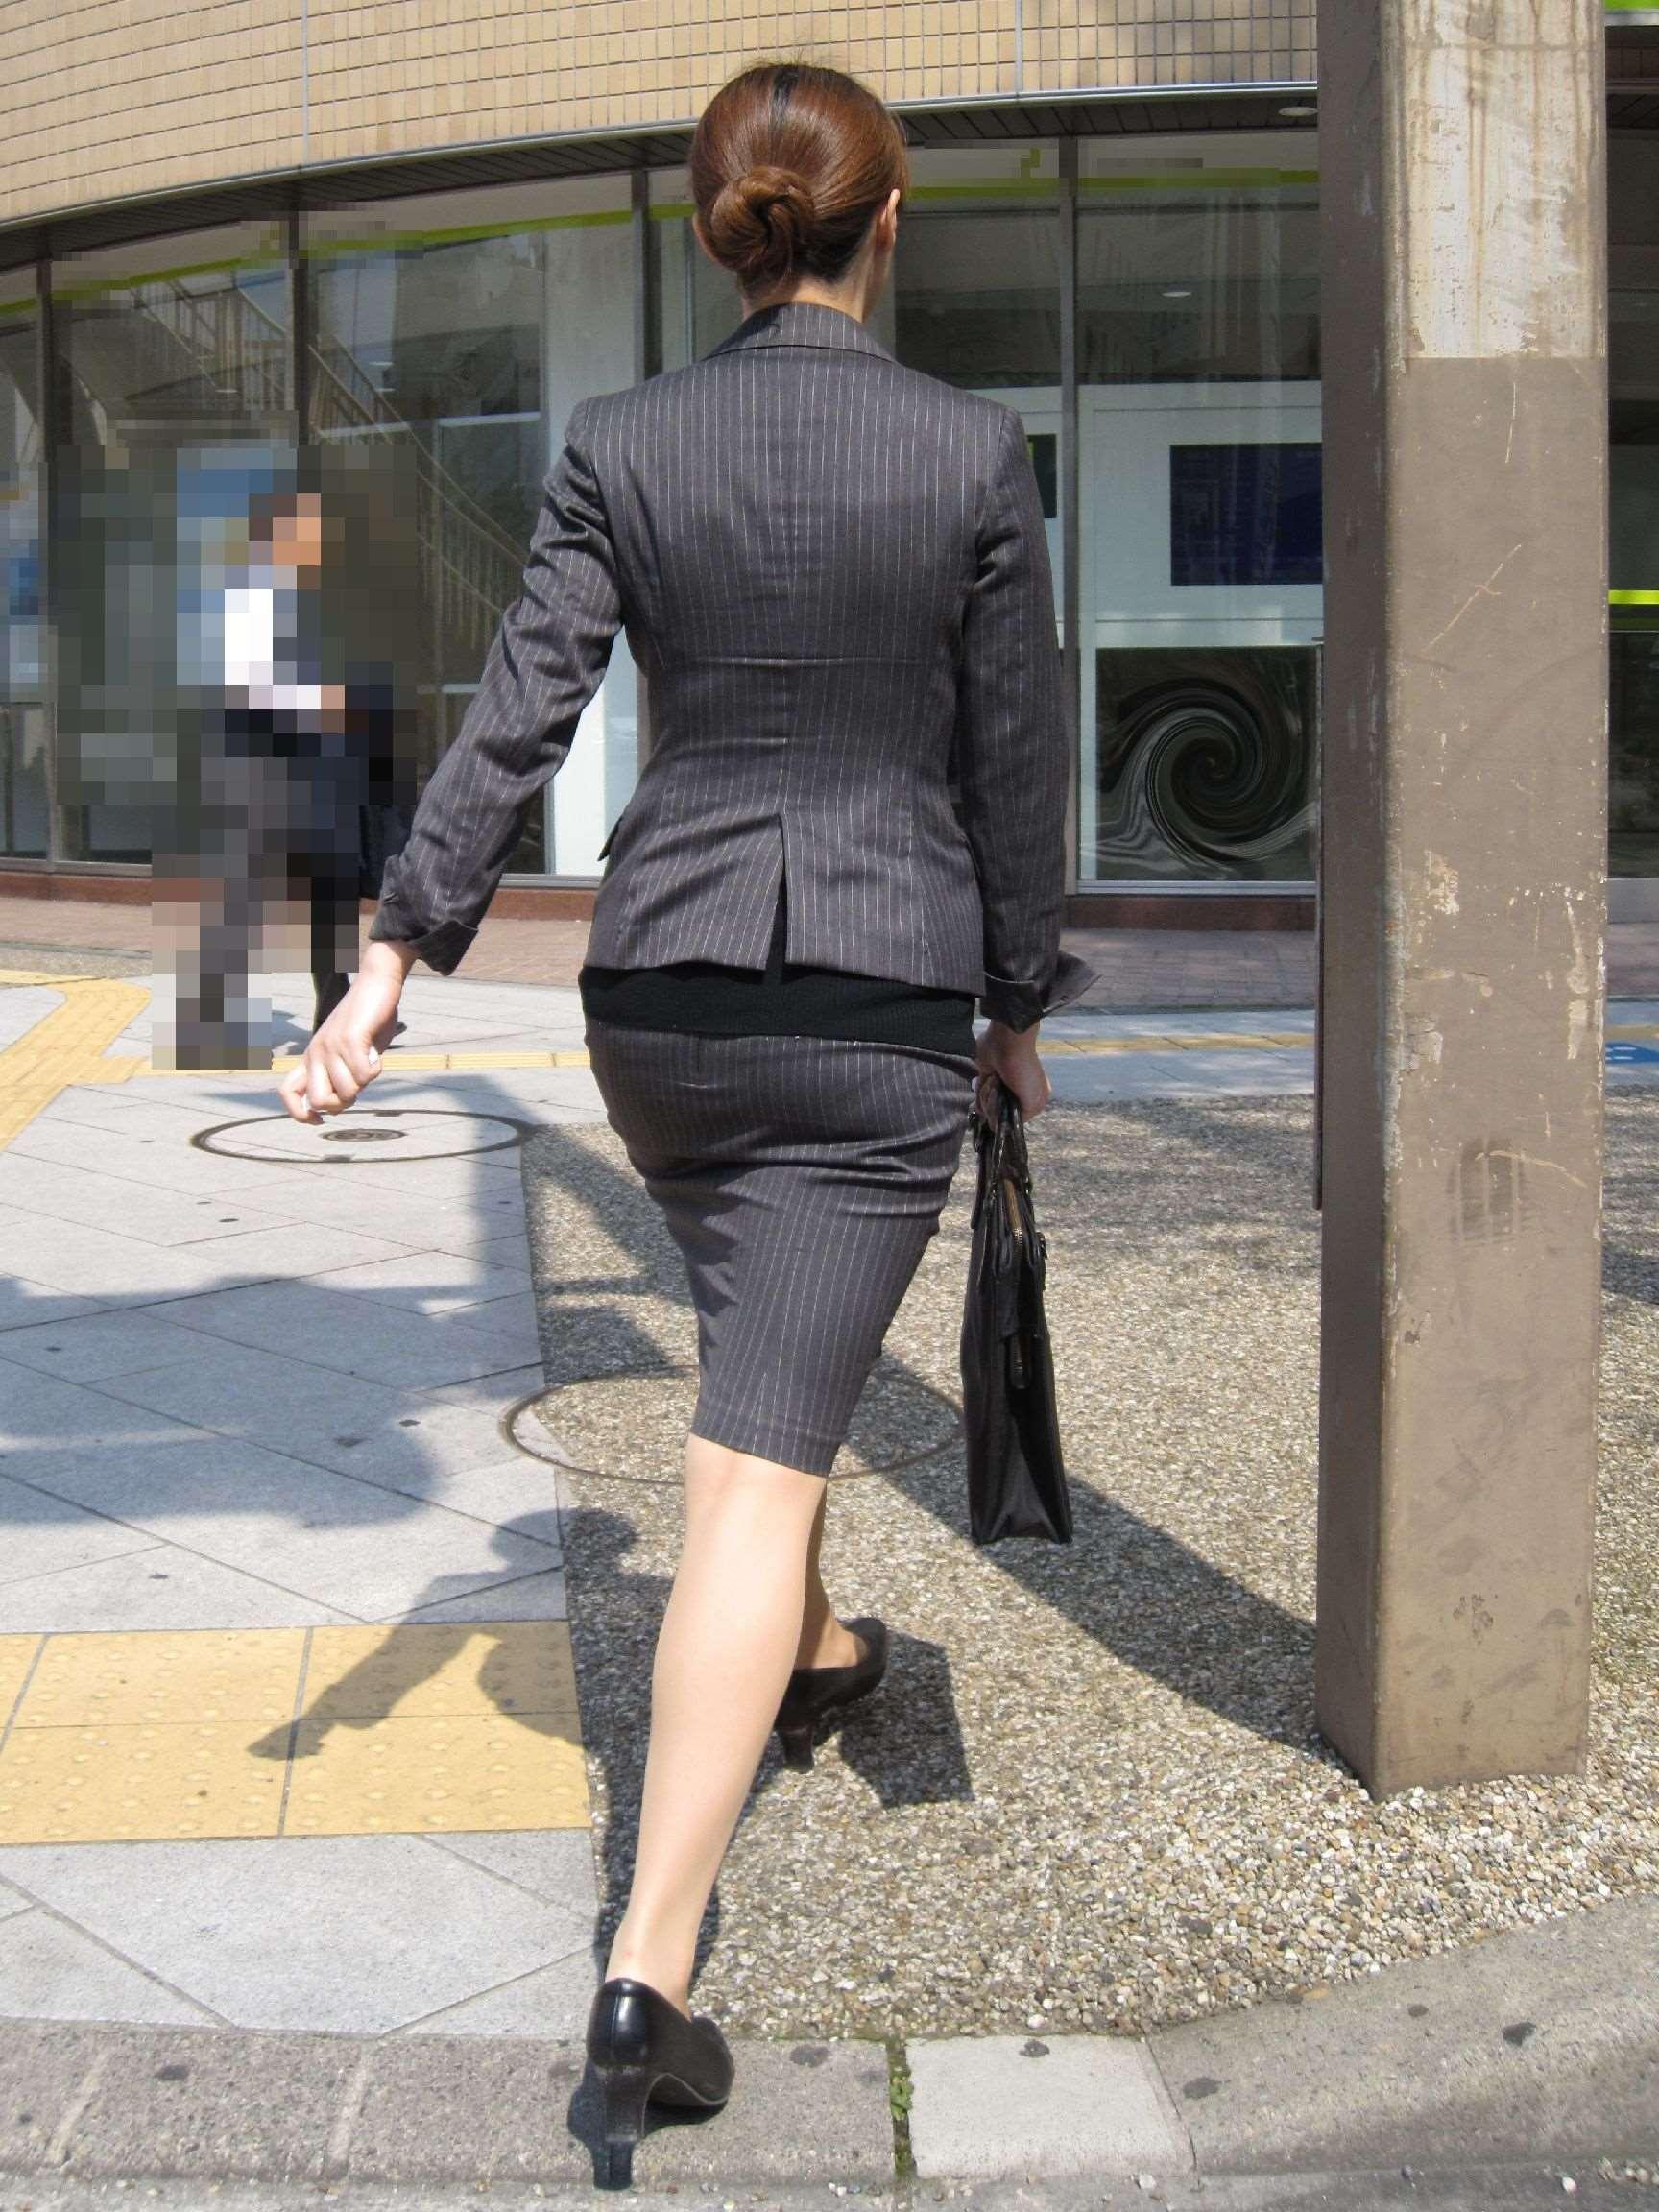 (秘密撮影)真面目そうな社内レディーさんのスーツのデカ尻がぐうしこwwwwwwwwww(写真あり)